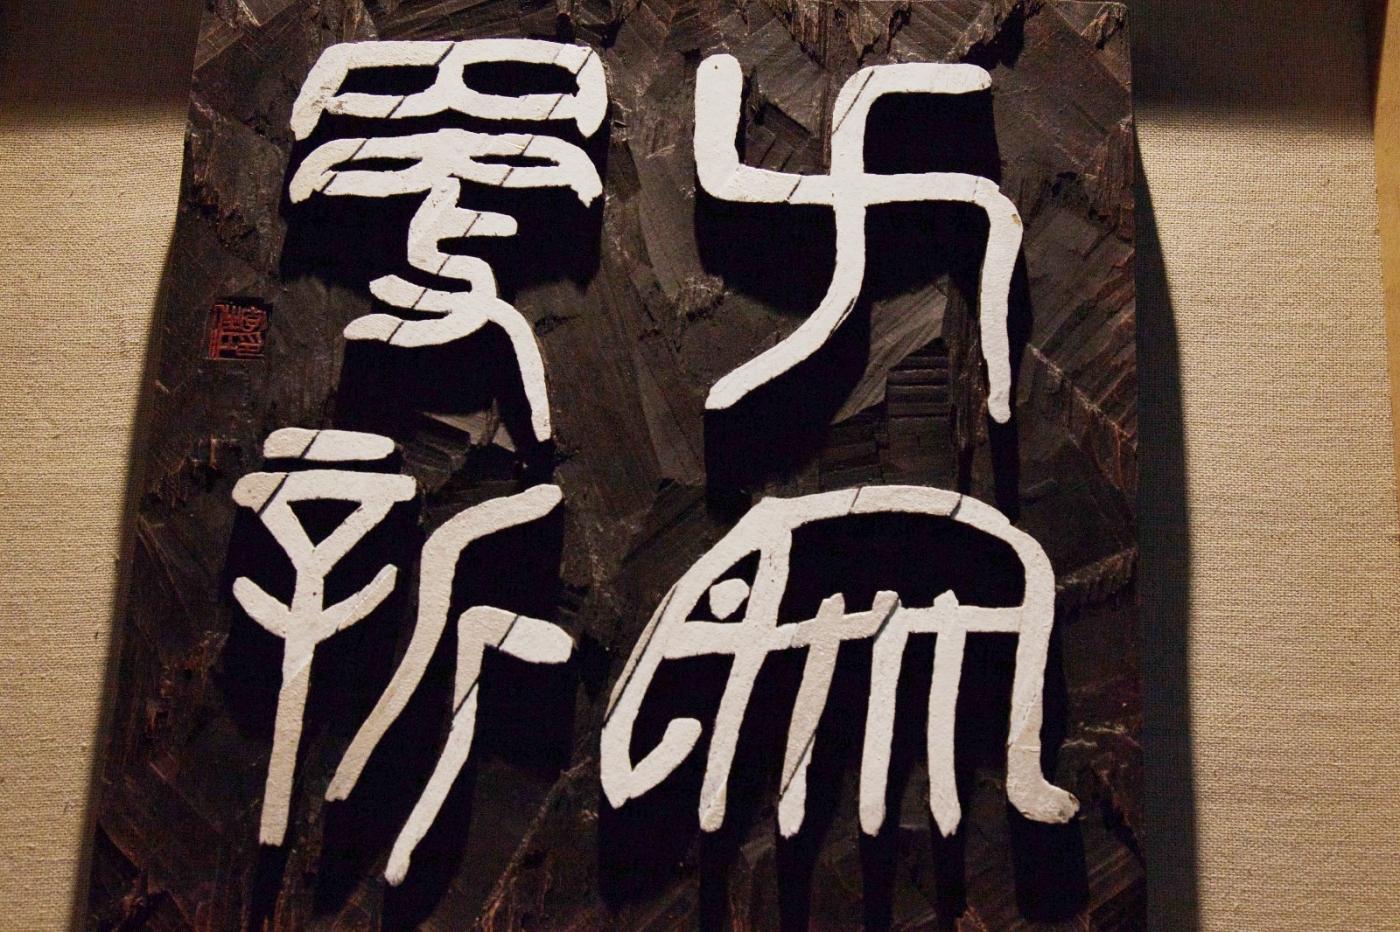 鼓浪屿刻字艺术展览馆(私人展览馆,免费参观)_图1-2